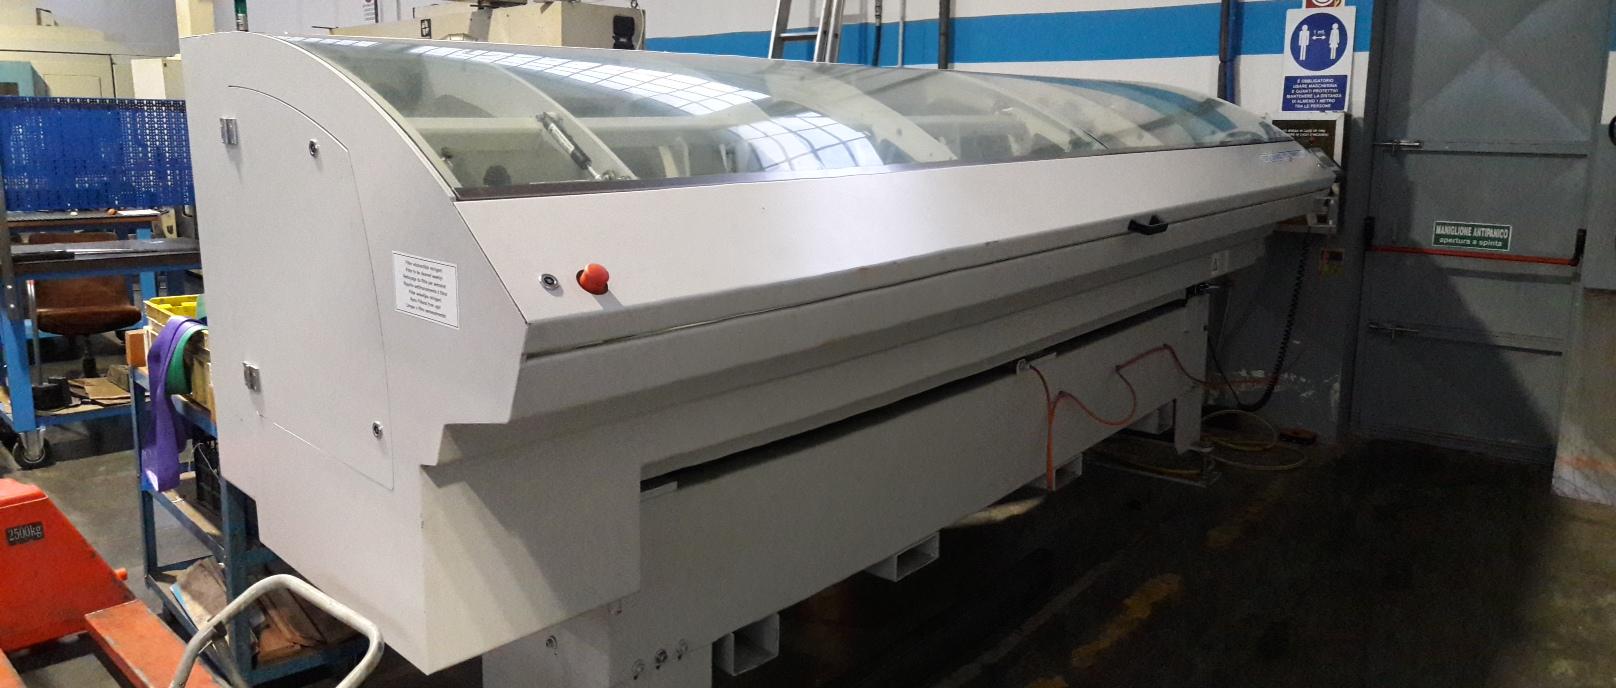 Caricatore barre Profimat Irco 50.6 196/6 3m in vendita - foto 3